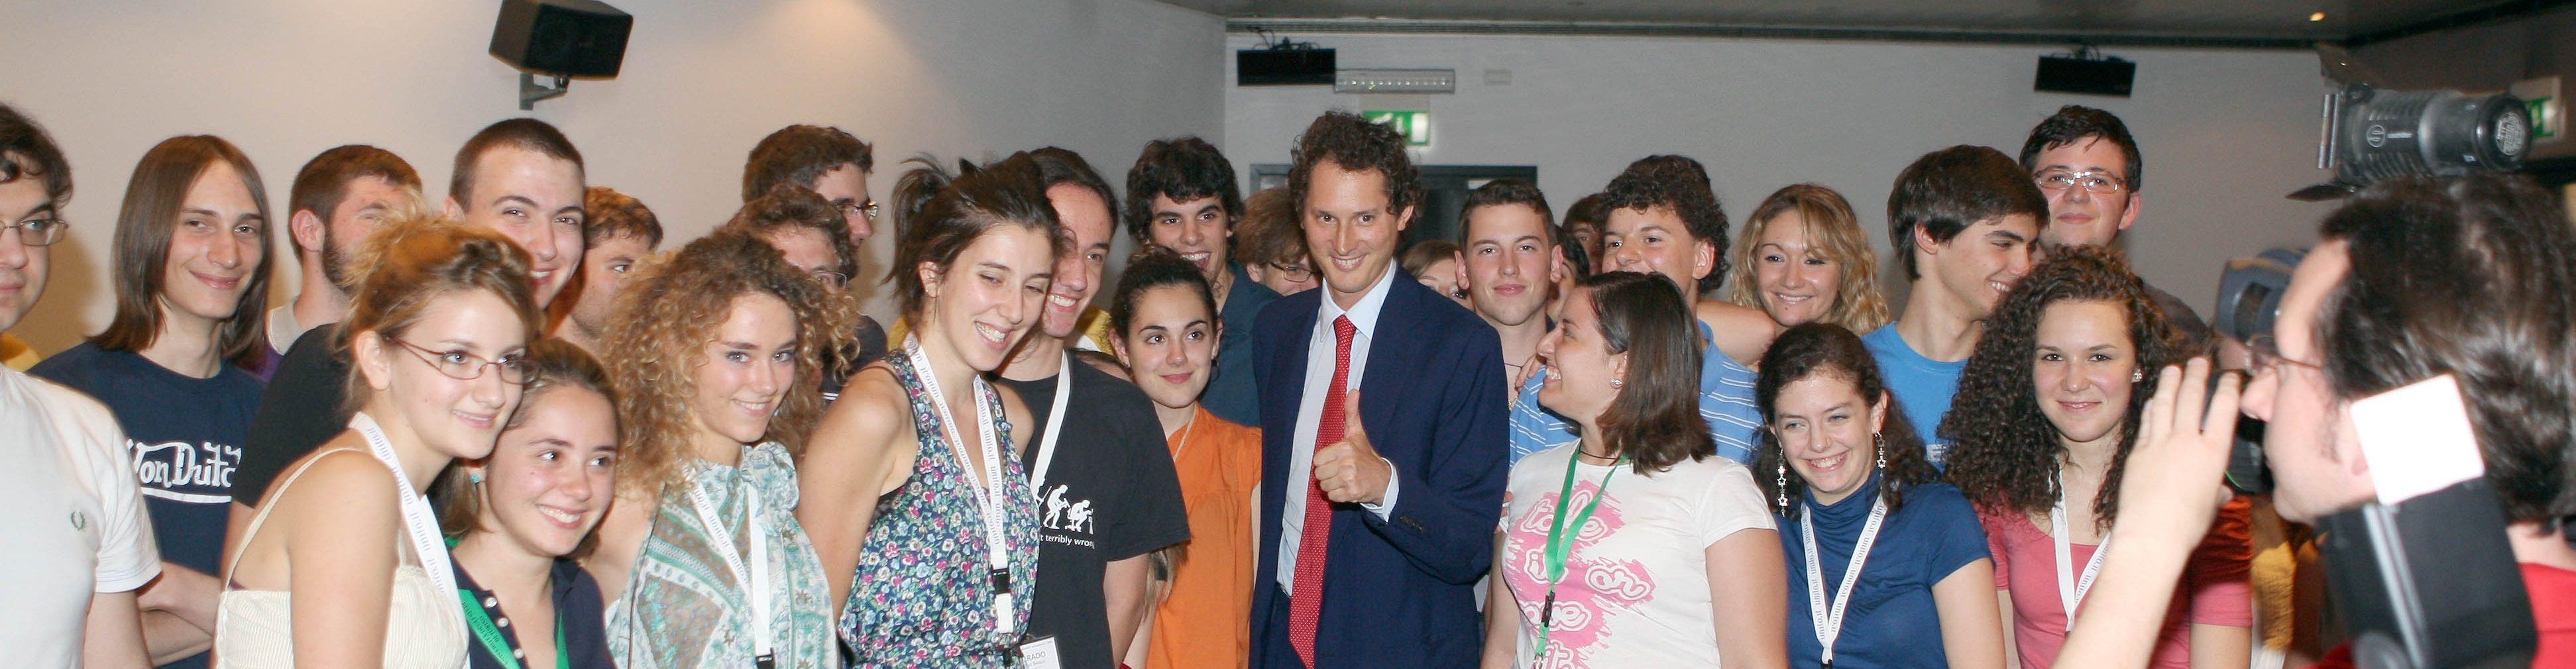 Scientific Summer Academy 2011: la fotogallery, un grazie a tutti e arrivederci all'anno prossimo!